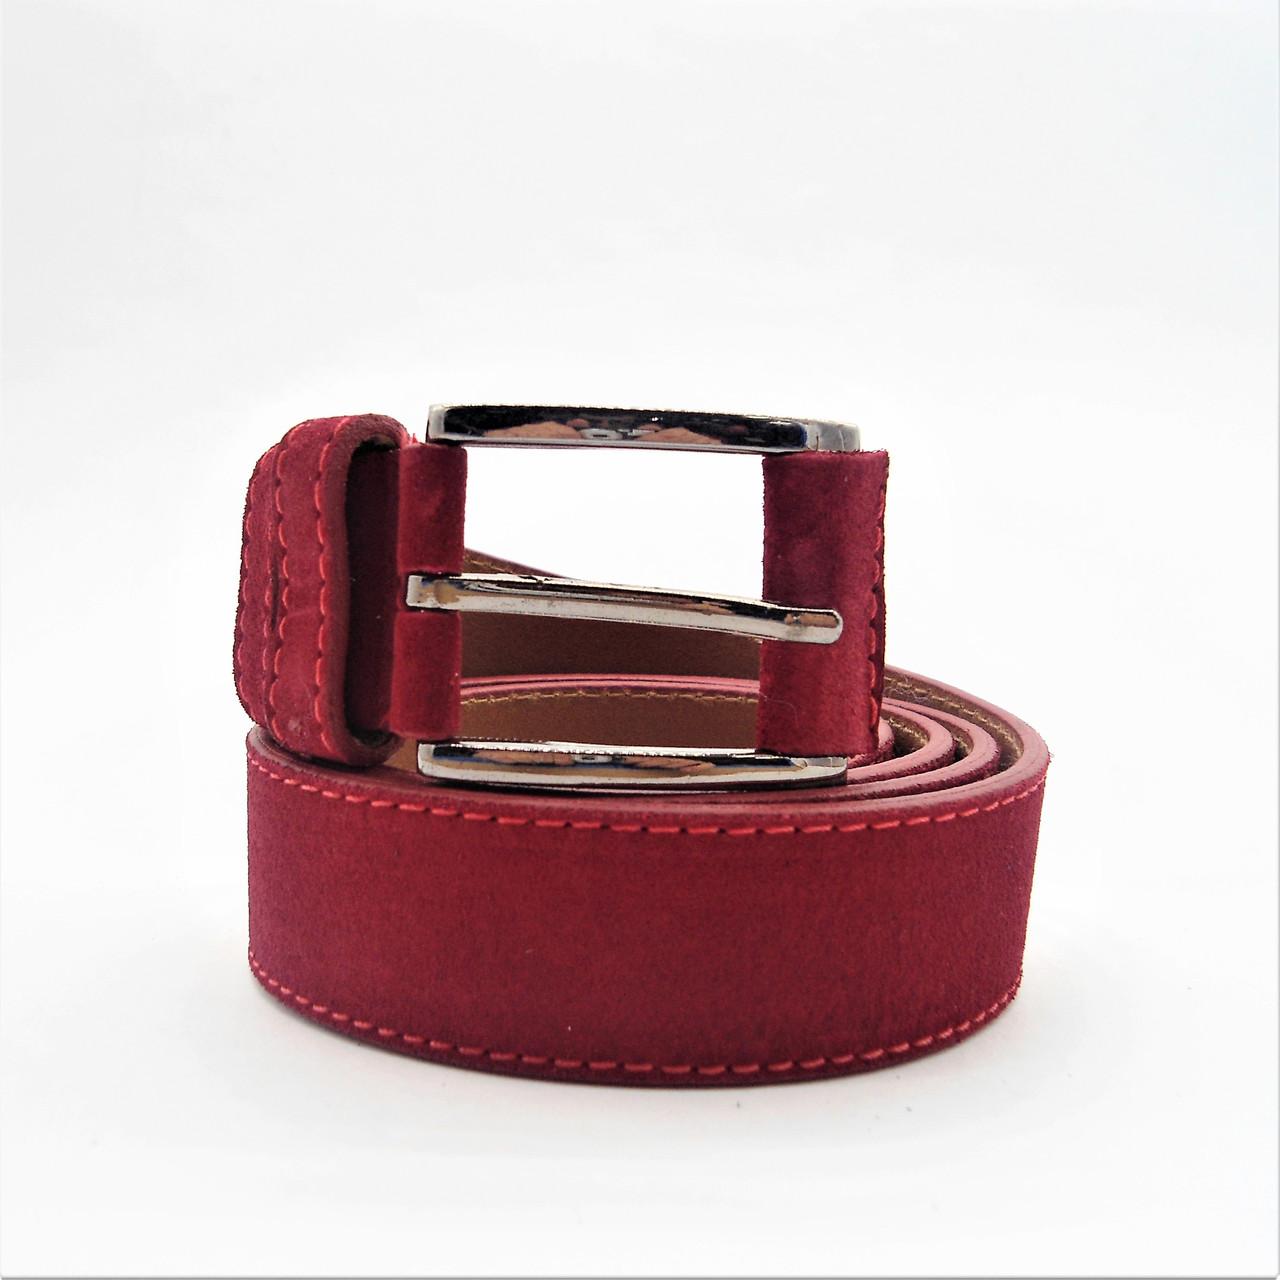 Мужской кожаный замшевый ремень красного цвета под джинсы KKE-808908, фото 1